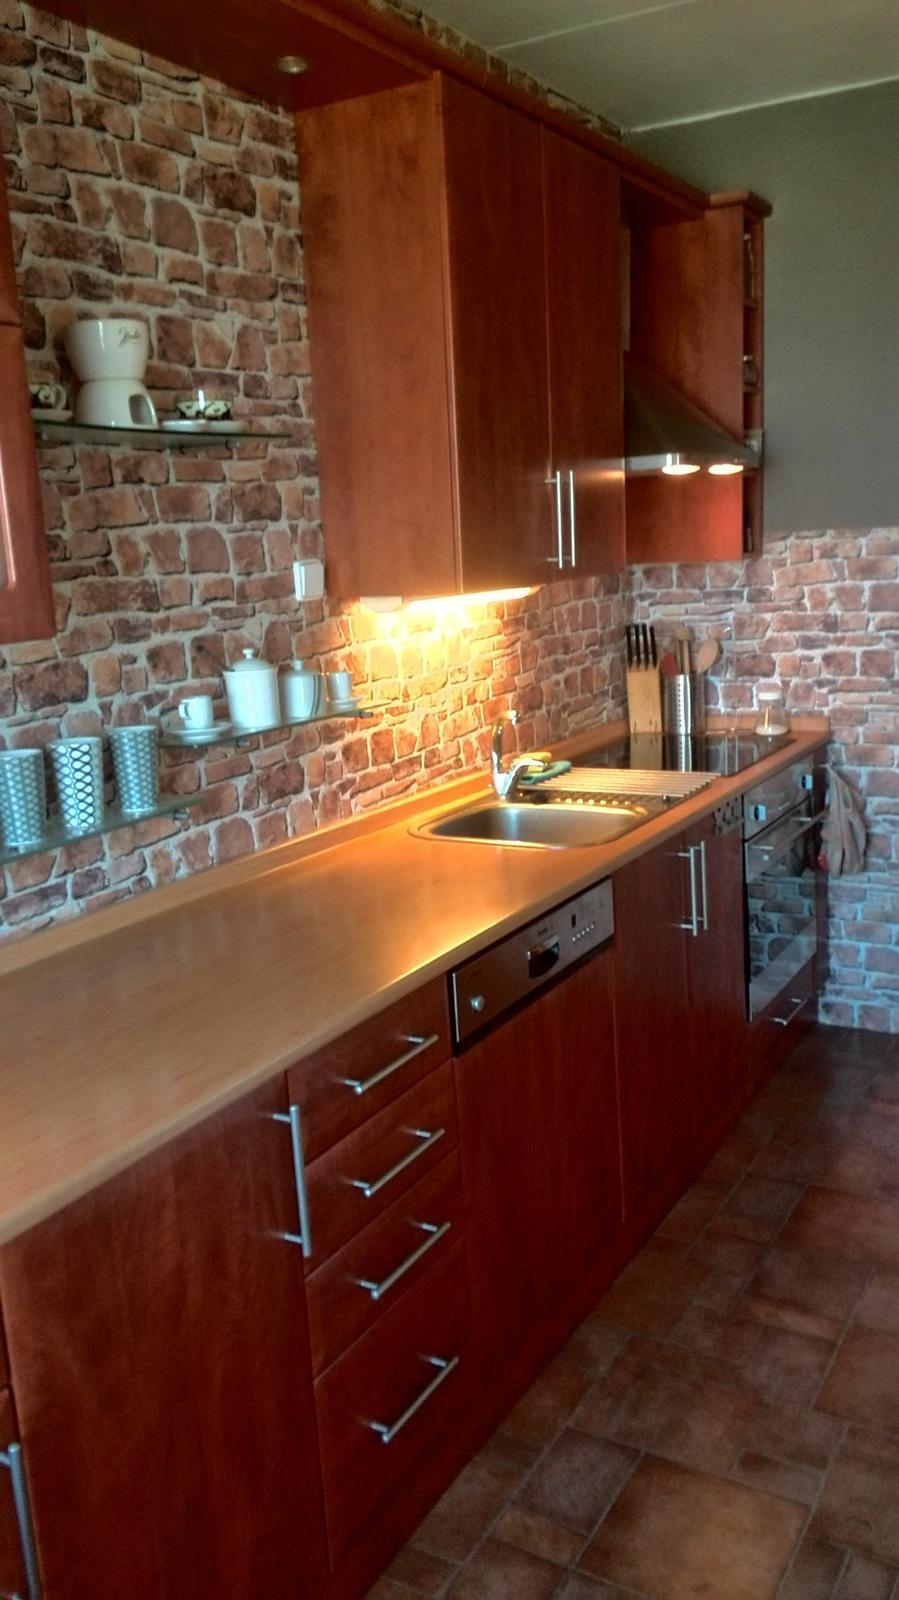 Rekonstrukne naší kuchyně - Původní kuchyňská linka